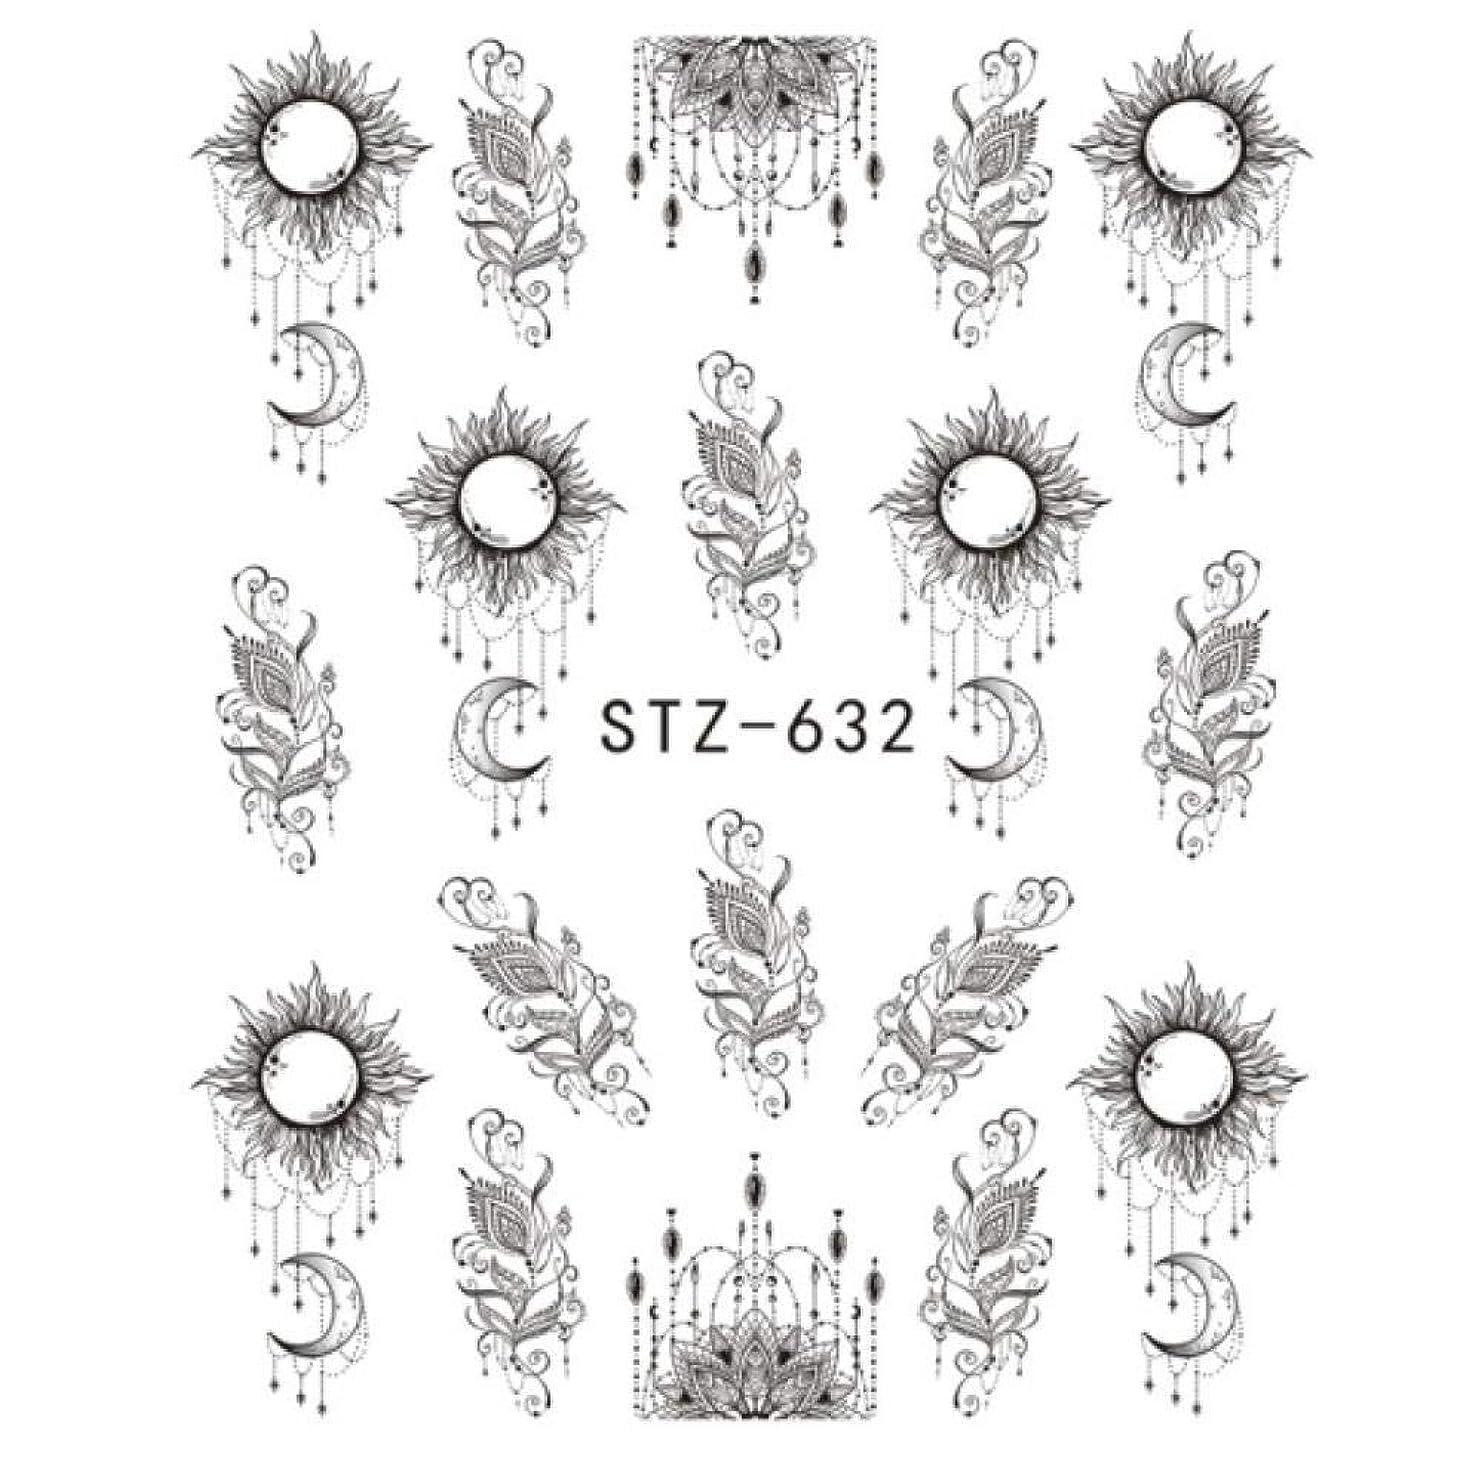 雰囲気失業破裂SUKTI&XIAO ネイルステッカー 完全な美1シートの釘水ステッカーDiyの黒の抽象的なイメージの釘のアートペーパーの装飾のマニキュア様式用具、Stz632